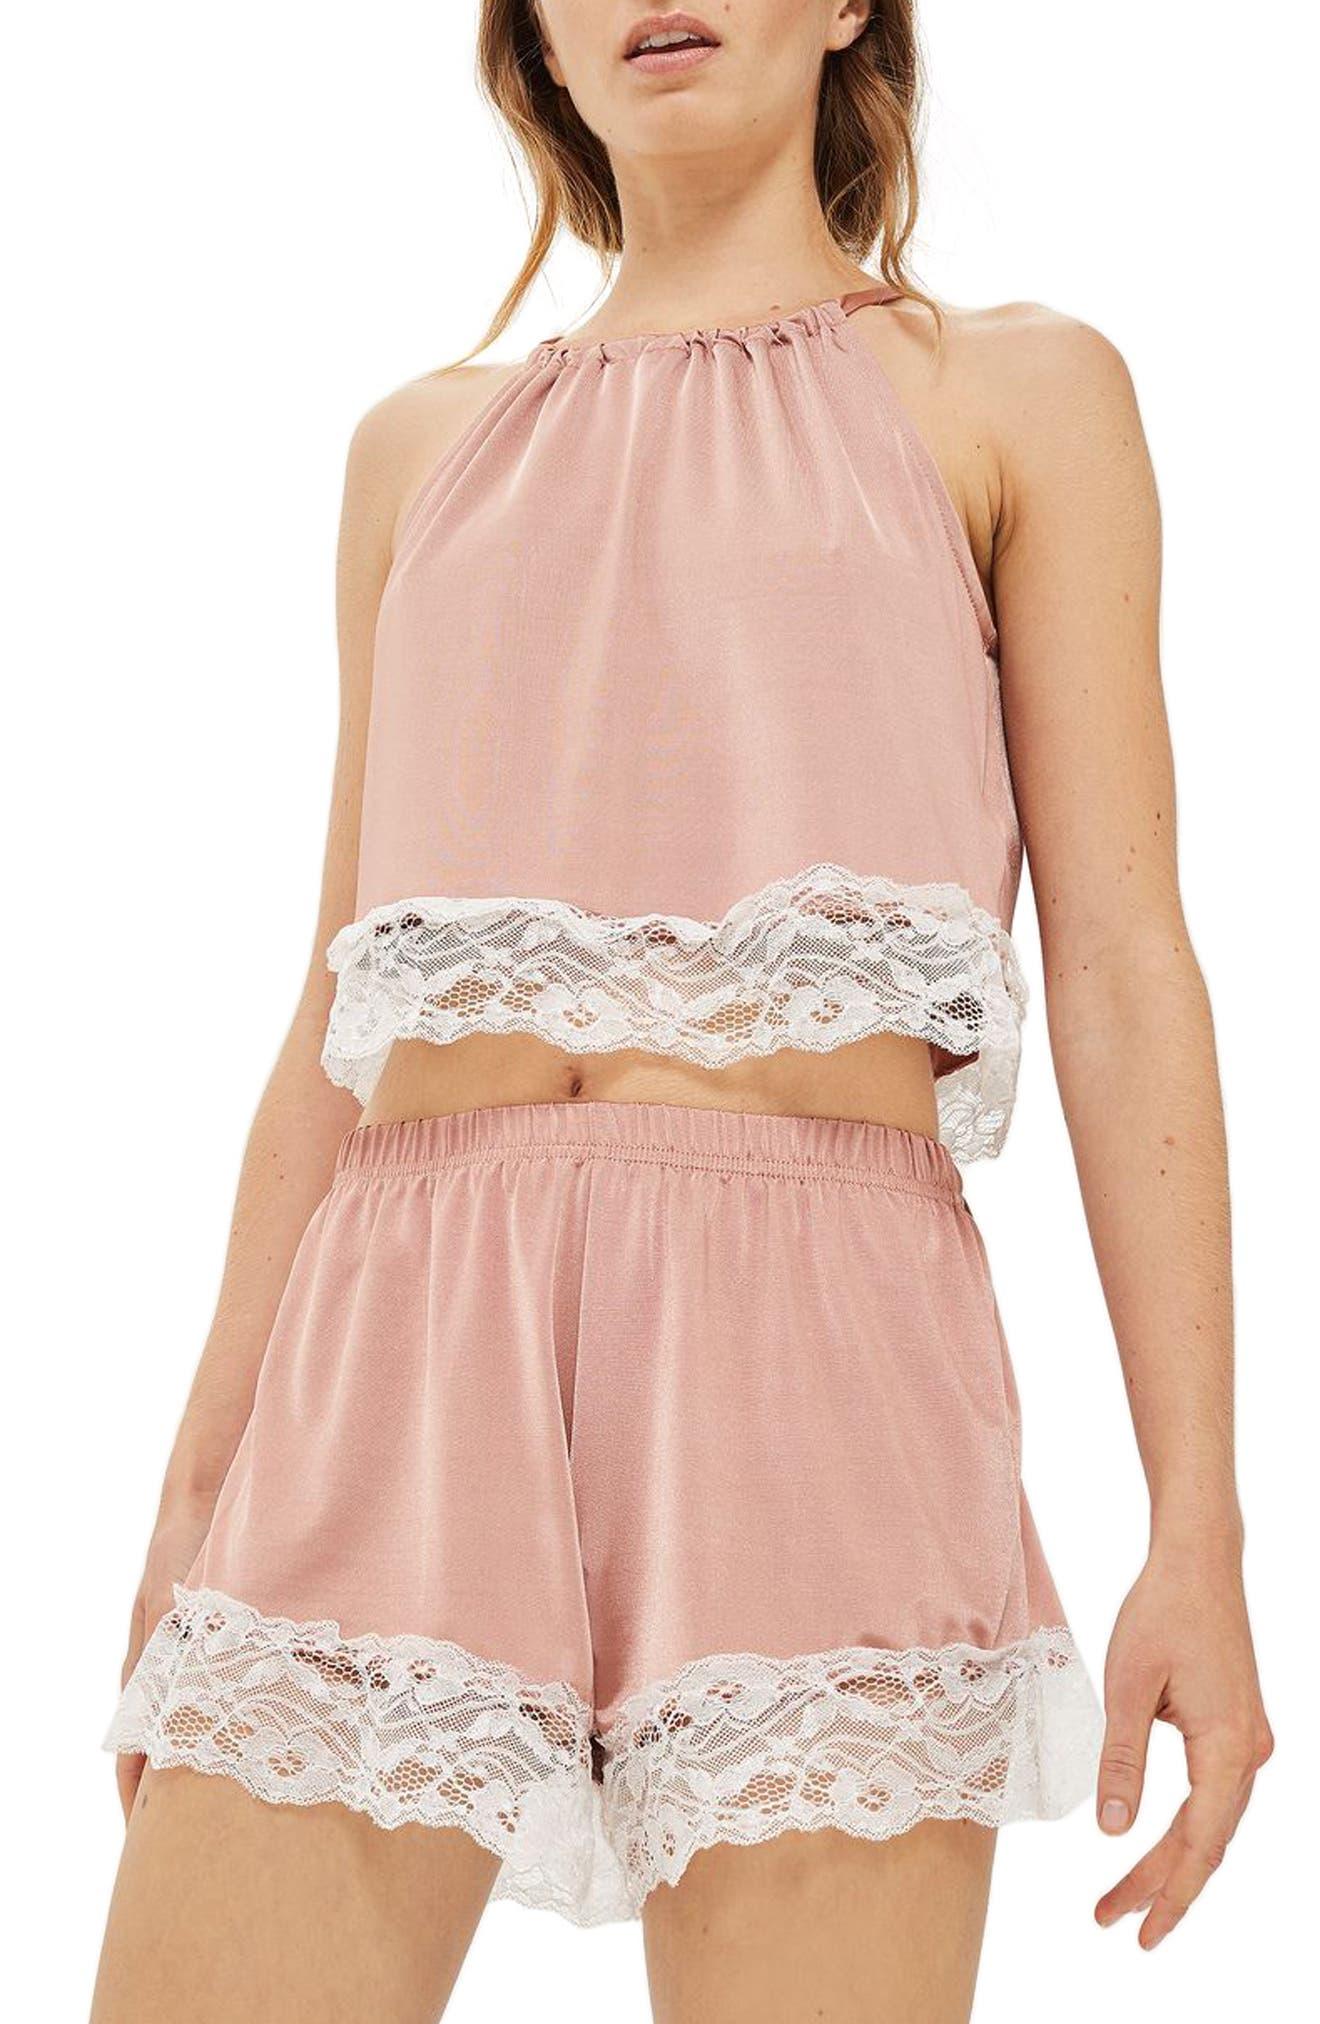 Satin & Lace Halter Pajama Top,                             Main thumbnail 1, color,                             250